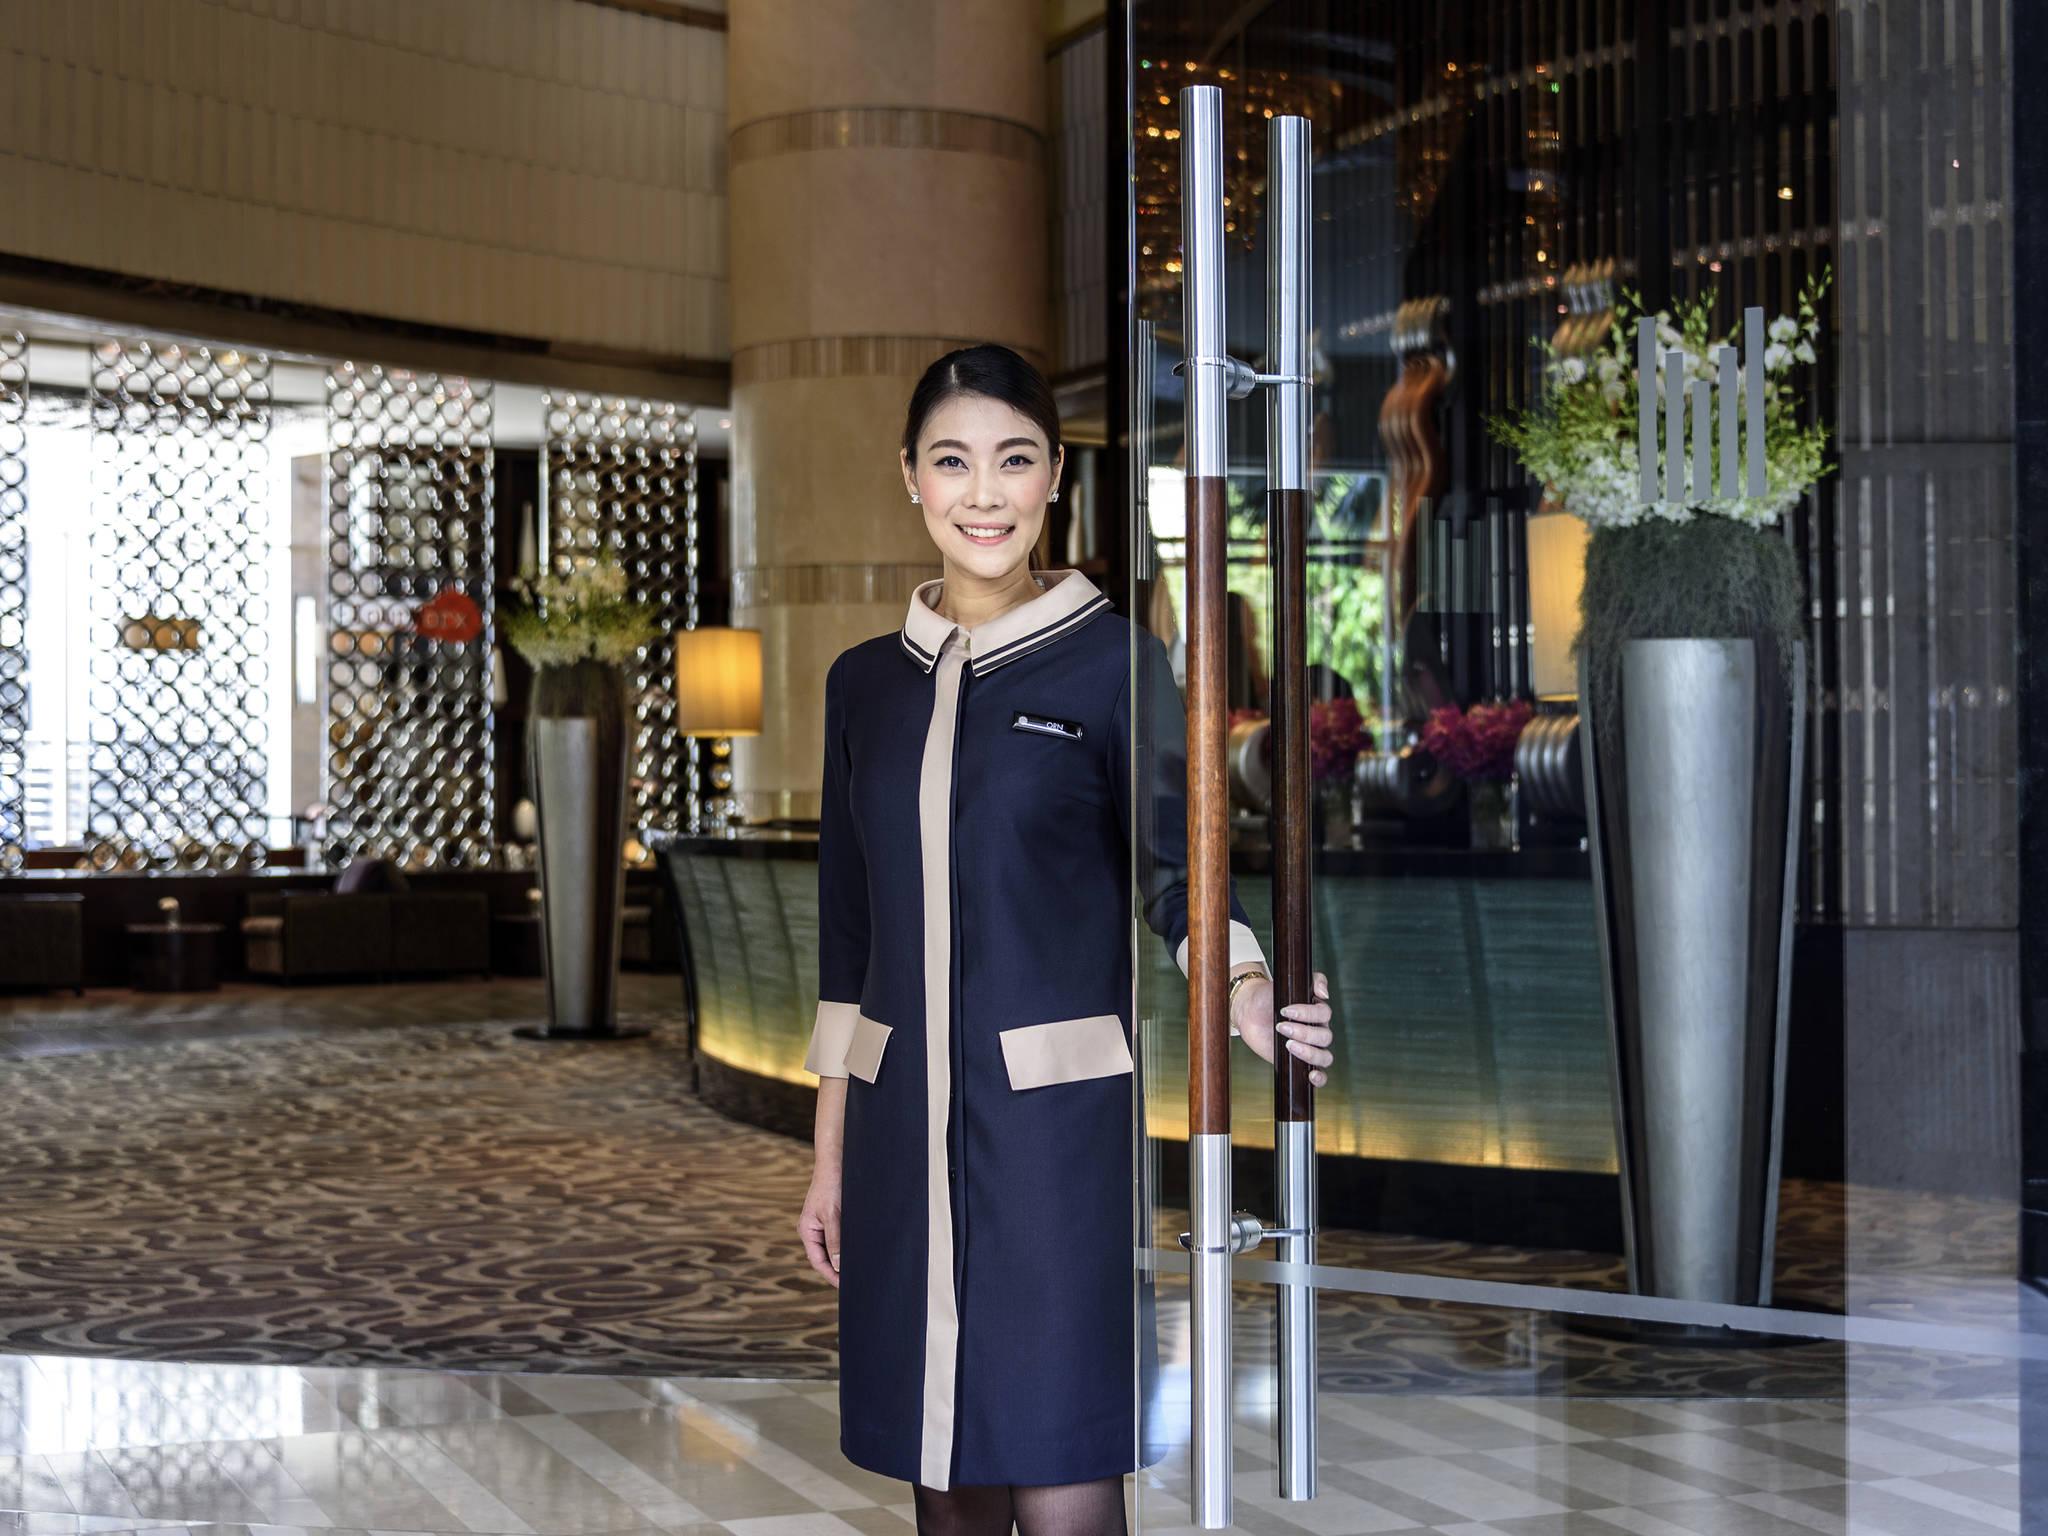 酒店 – 文昌平海铂尔曼酒店(2018 年 12 月开业)